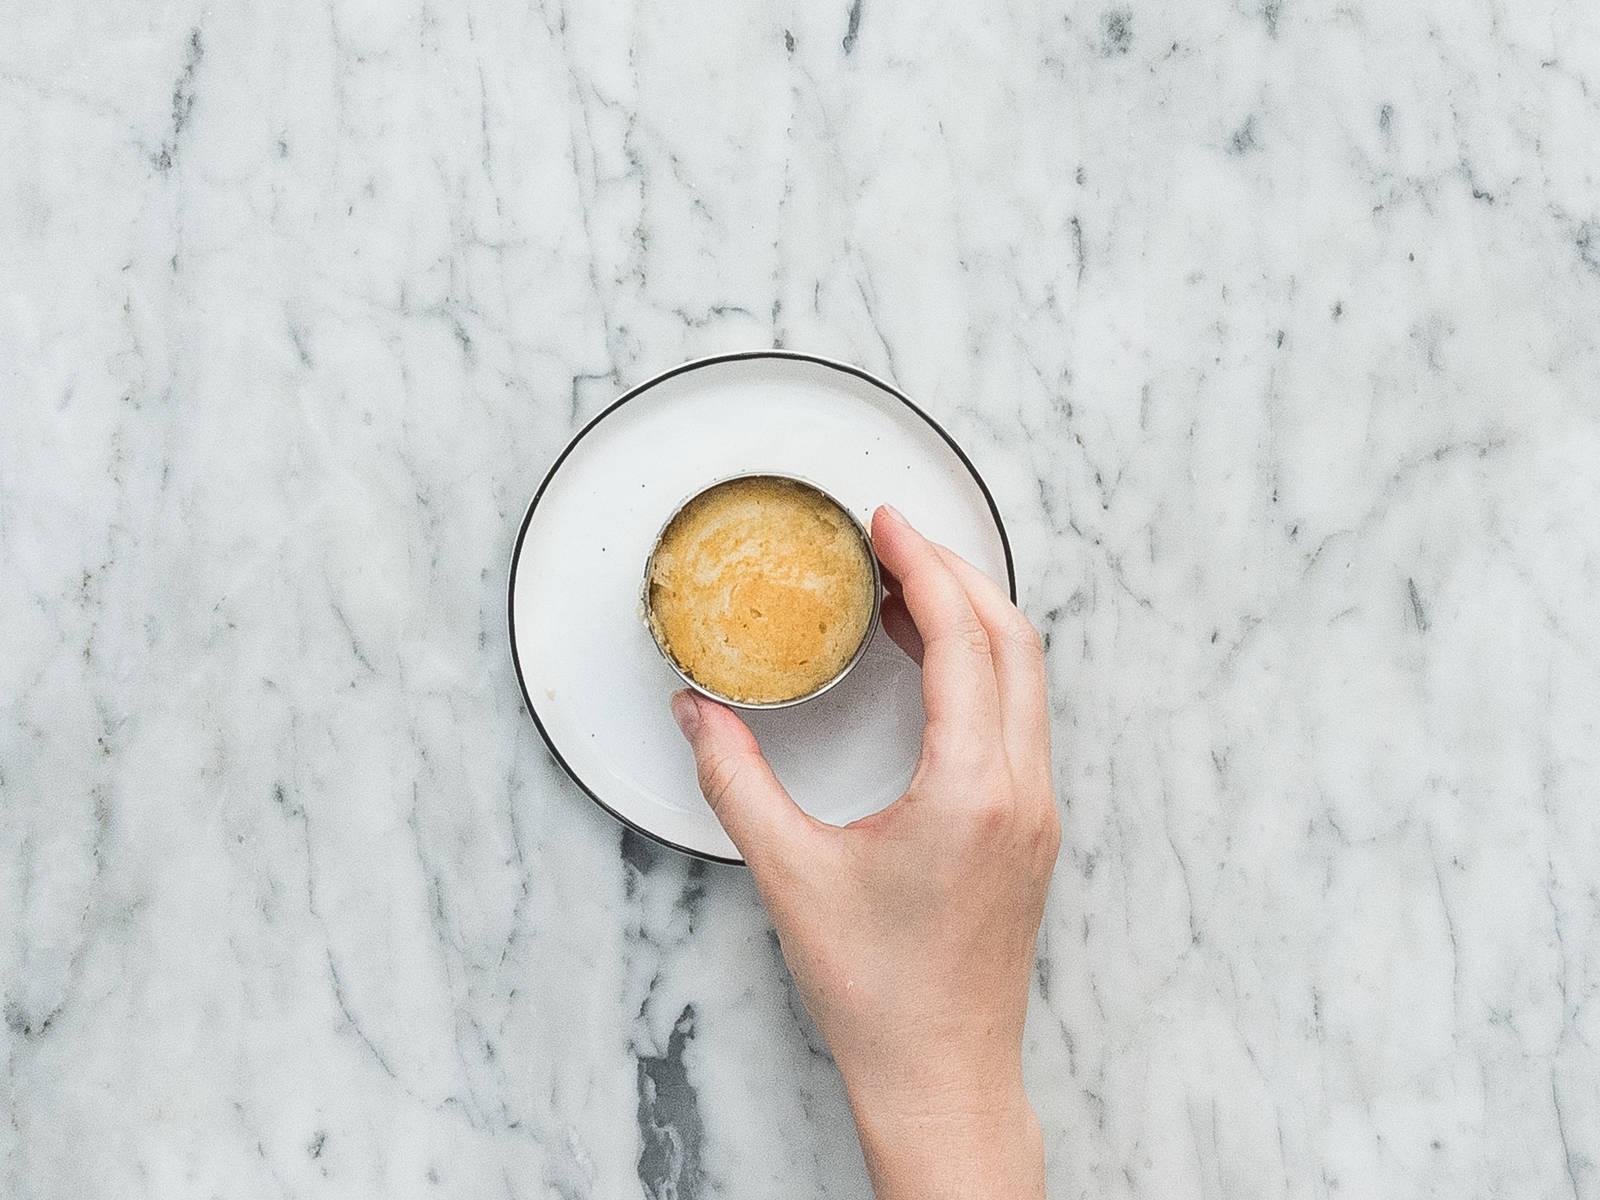 Den Pfannkuchen vorsichtig aus dem Dessertring lösen und mit Ahornsirup und frischen Beeren servieren. Guten Appetit!